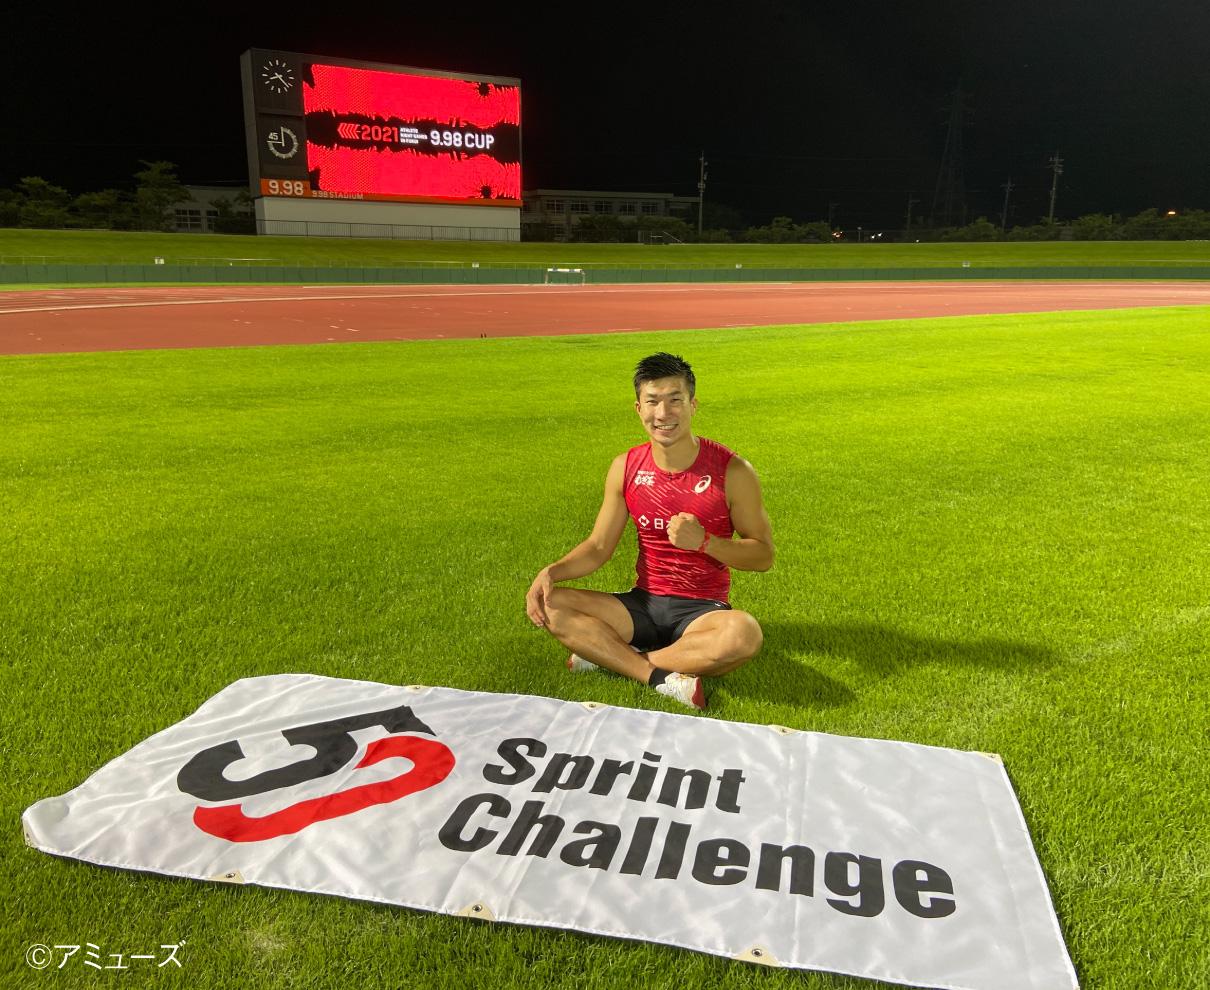 陸上・桐生祥秀選手インタビュー。『9.98スタジアム』と「Sprint 50」への挑戦。